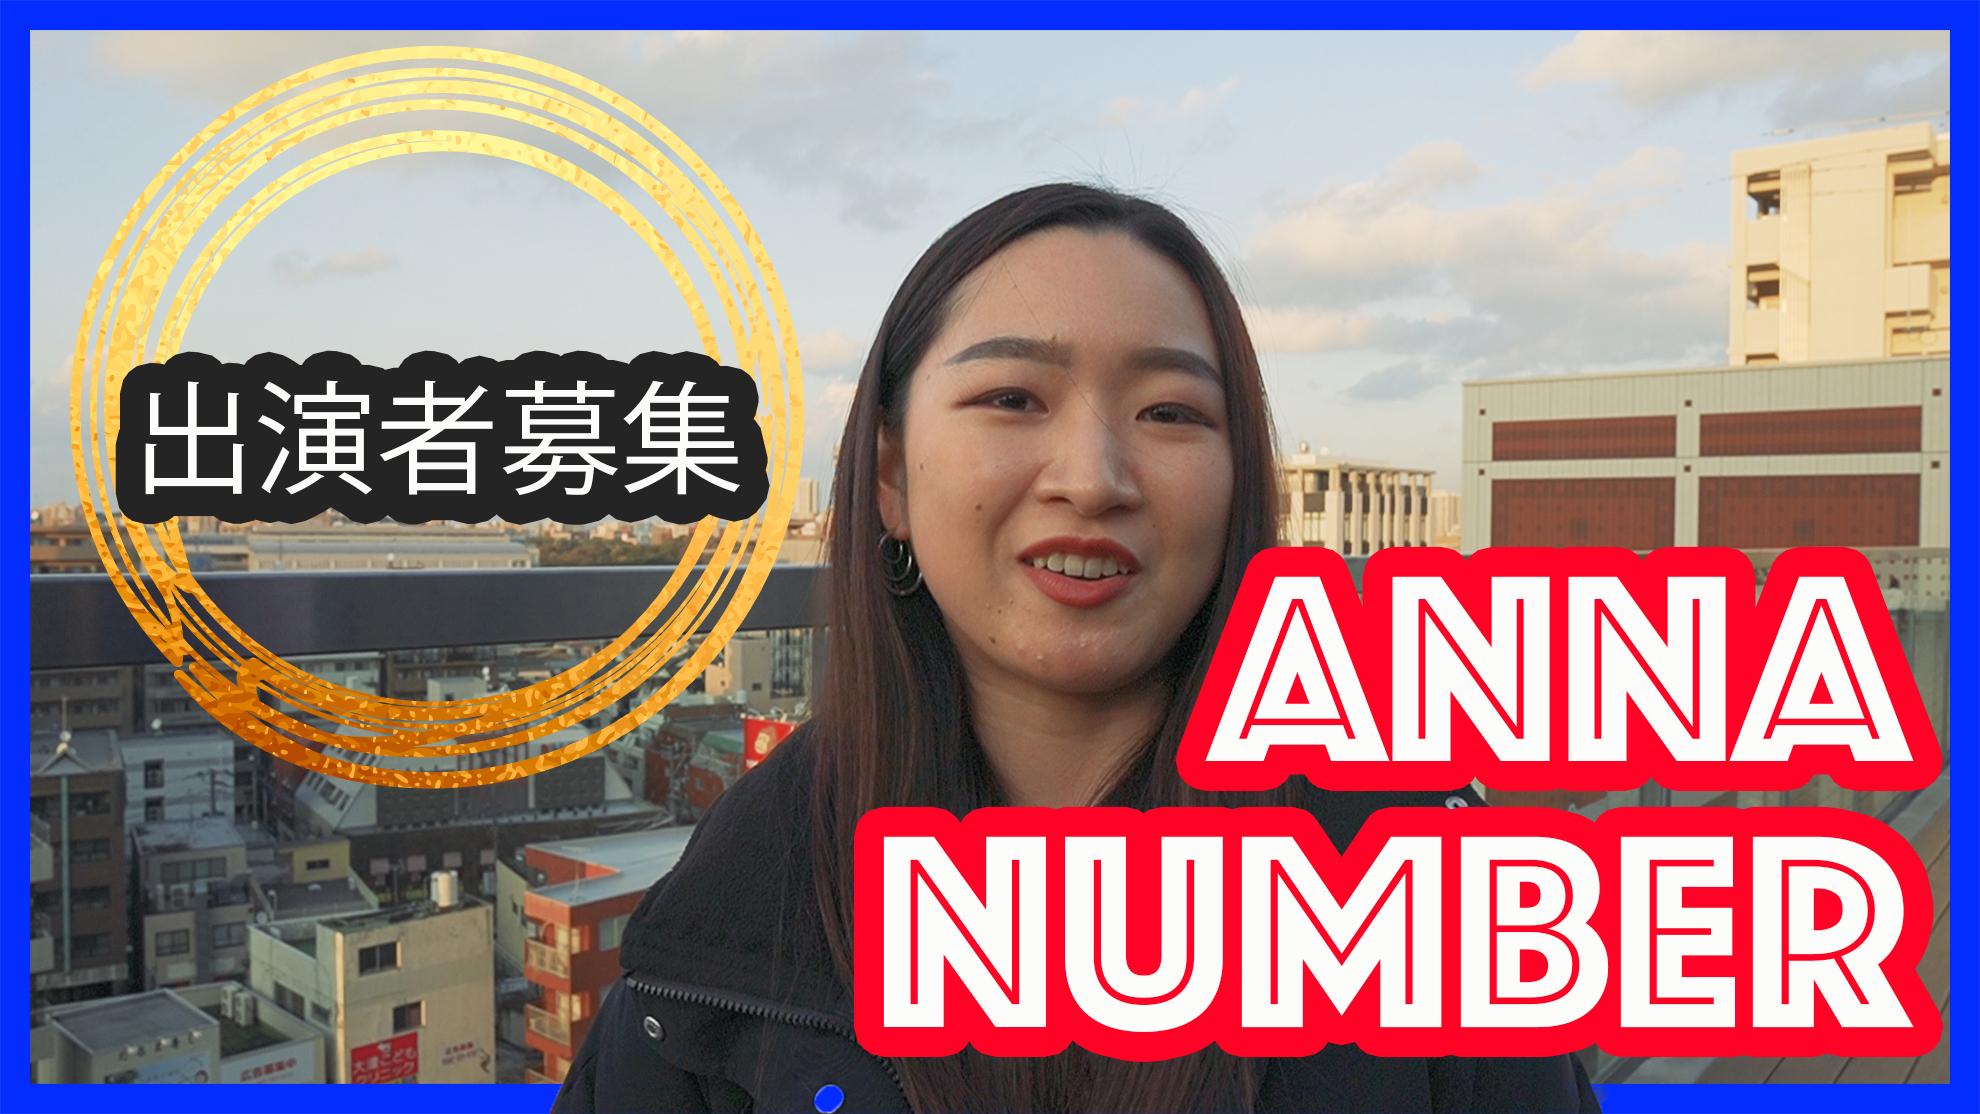 ANNAの発表会クラスをご紹介!福岡でダンスの発表会に興味がある方にオススメです!